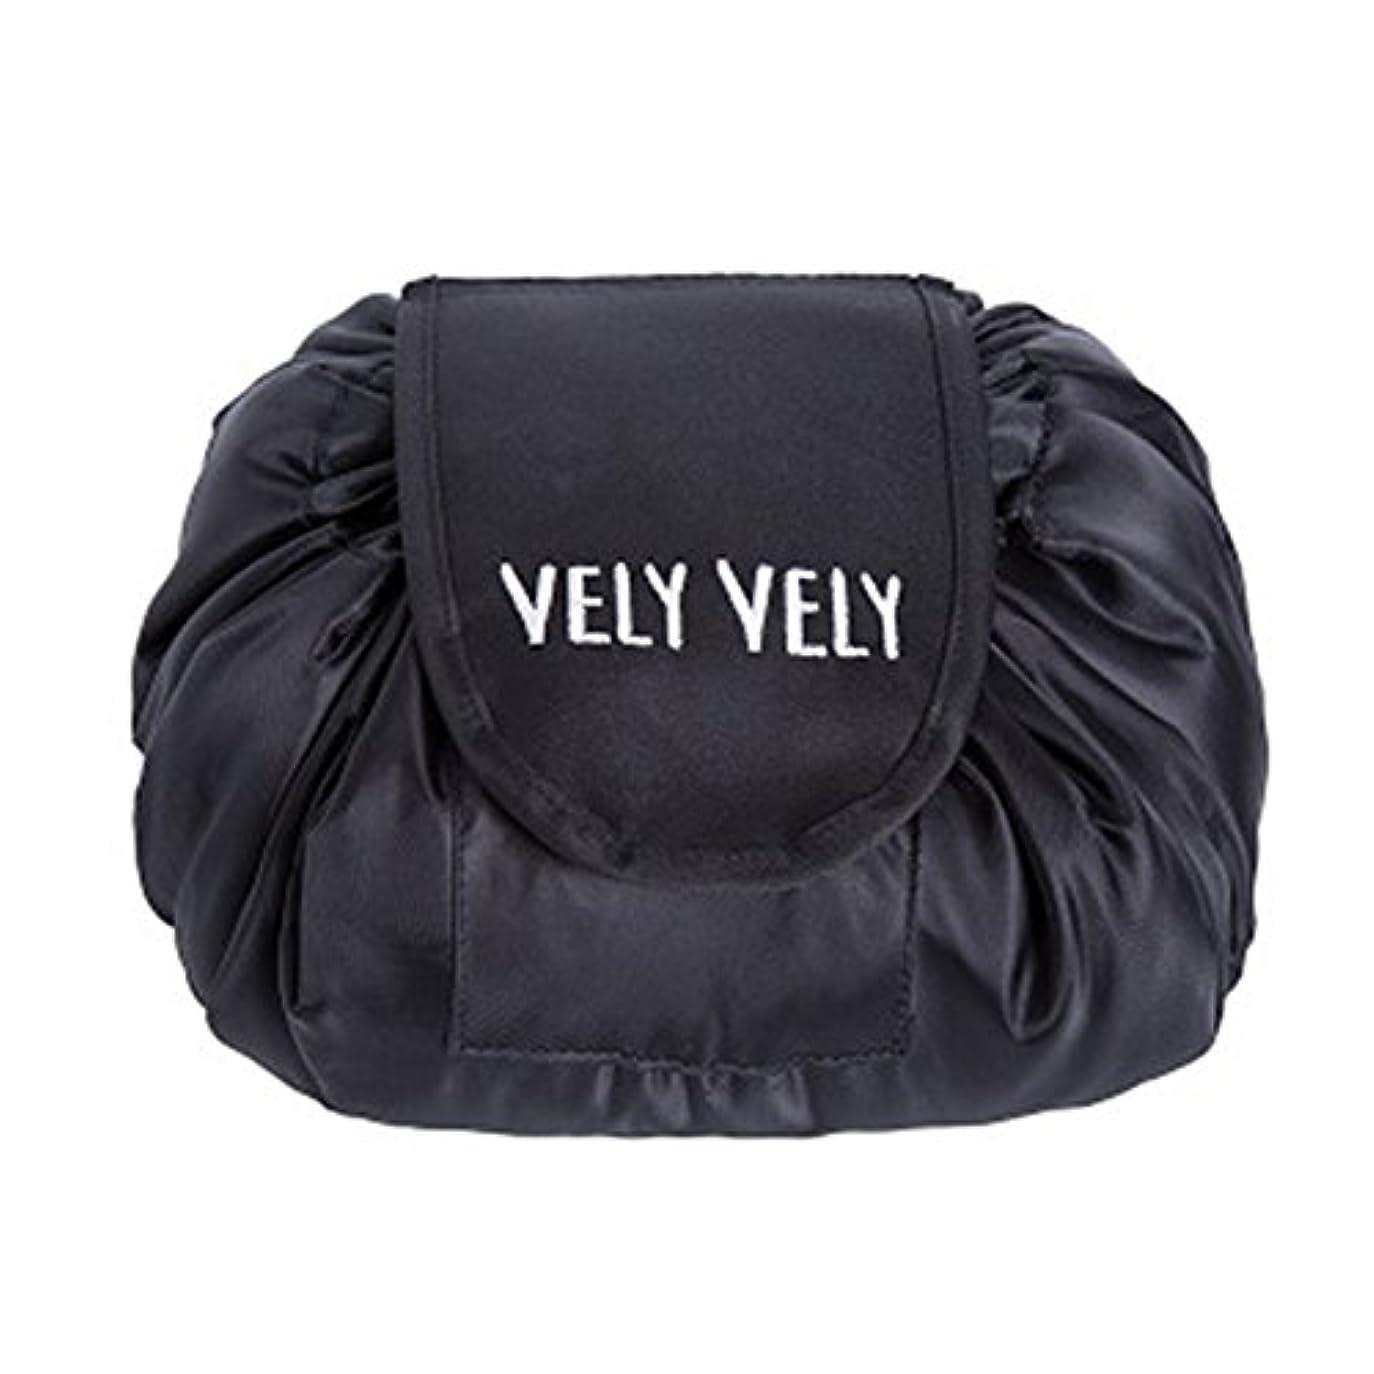 この自分を引き上げる幸運Littleliving 旅行メイクバッグ 旅行化粧バッグ メイク収納バッグ 化粧ポーチ 大容量 巾着 マジックふろしきポーチ